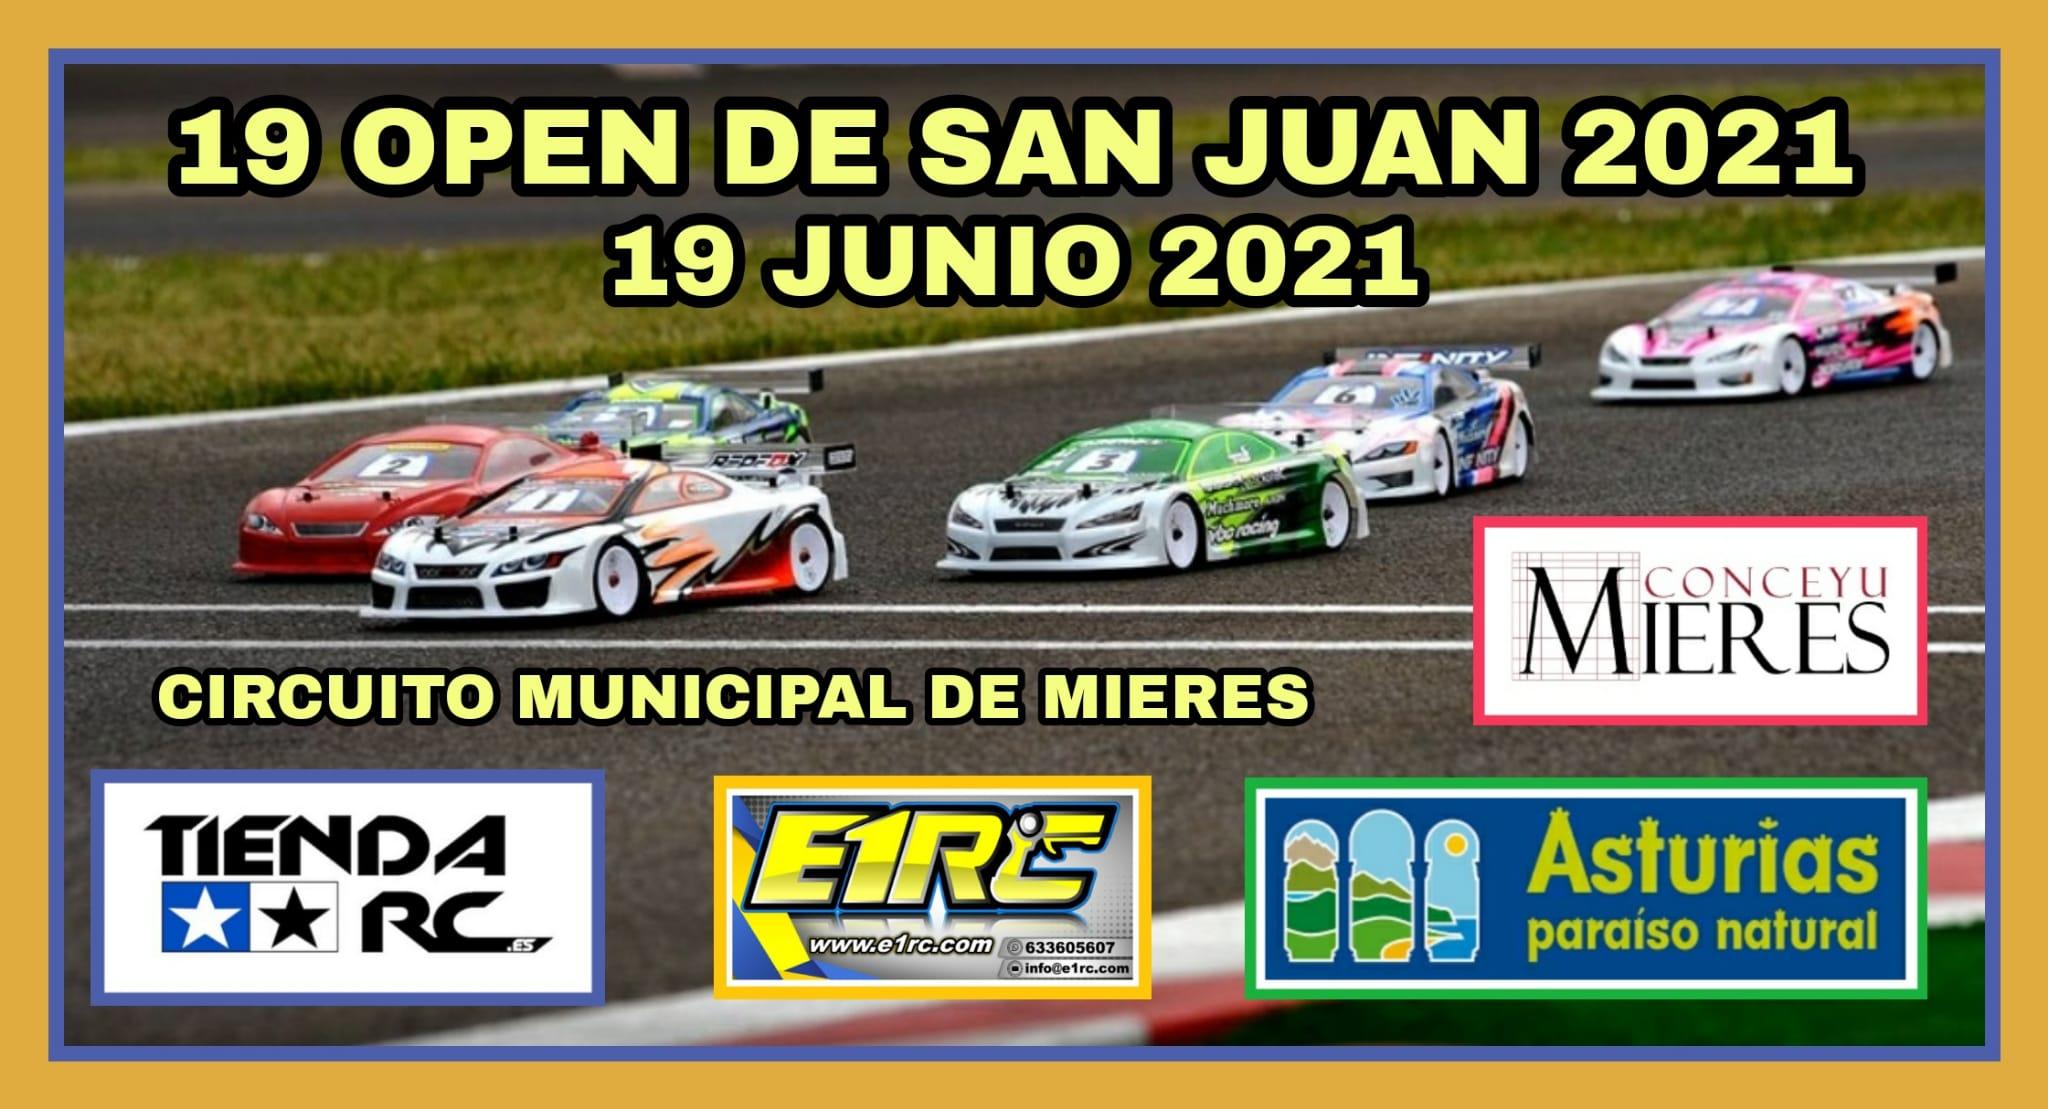 Open San Juan 2021 Circuito Mieres